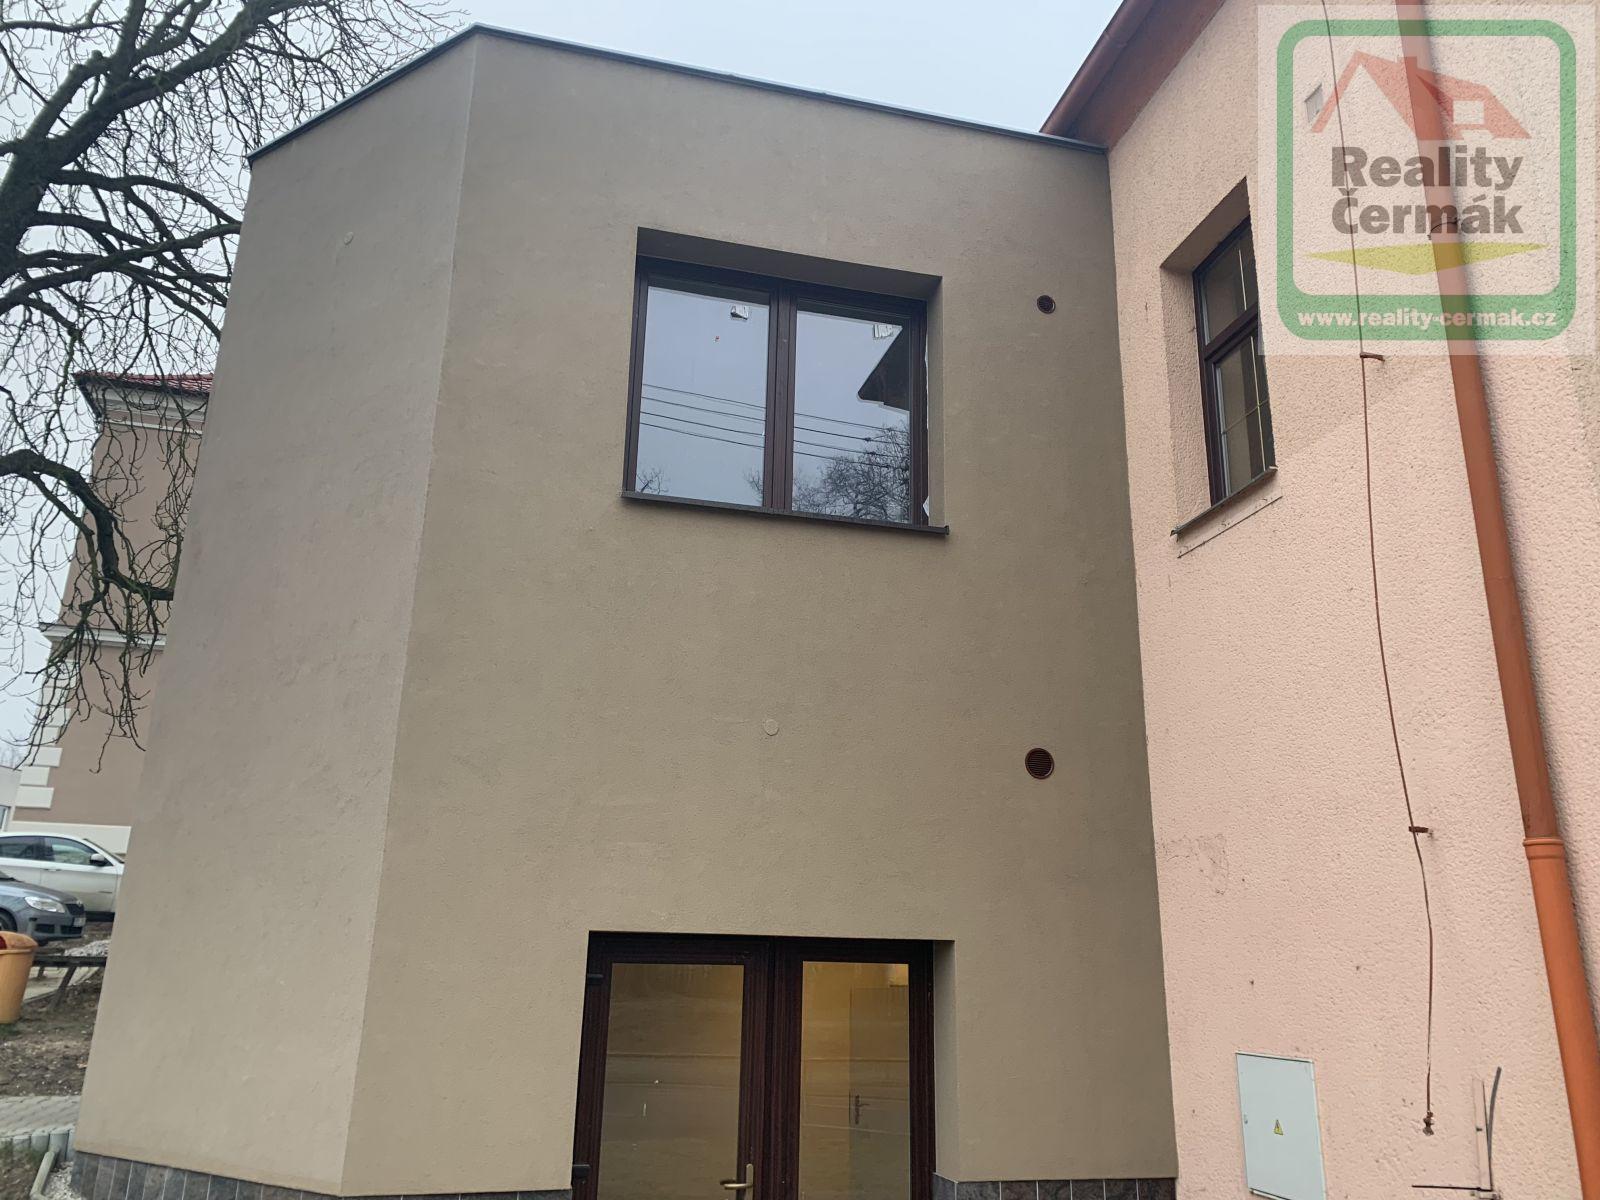 Pronájem komerčních prostor 28 m2 - Holýšov, okr. Domažlice